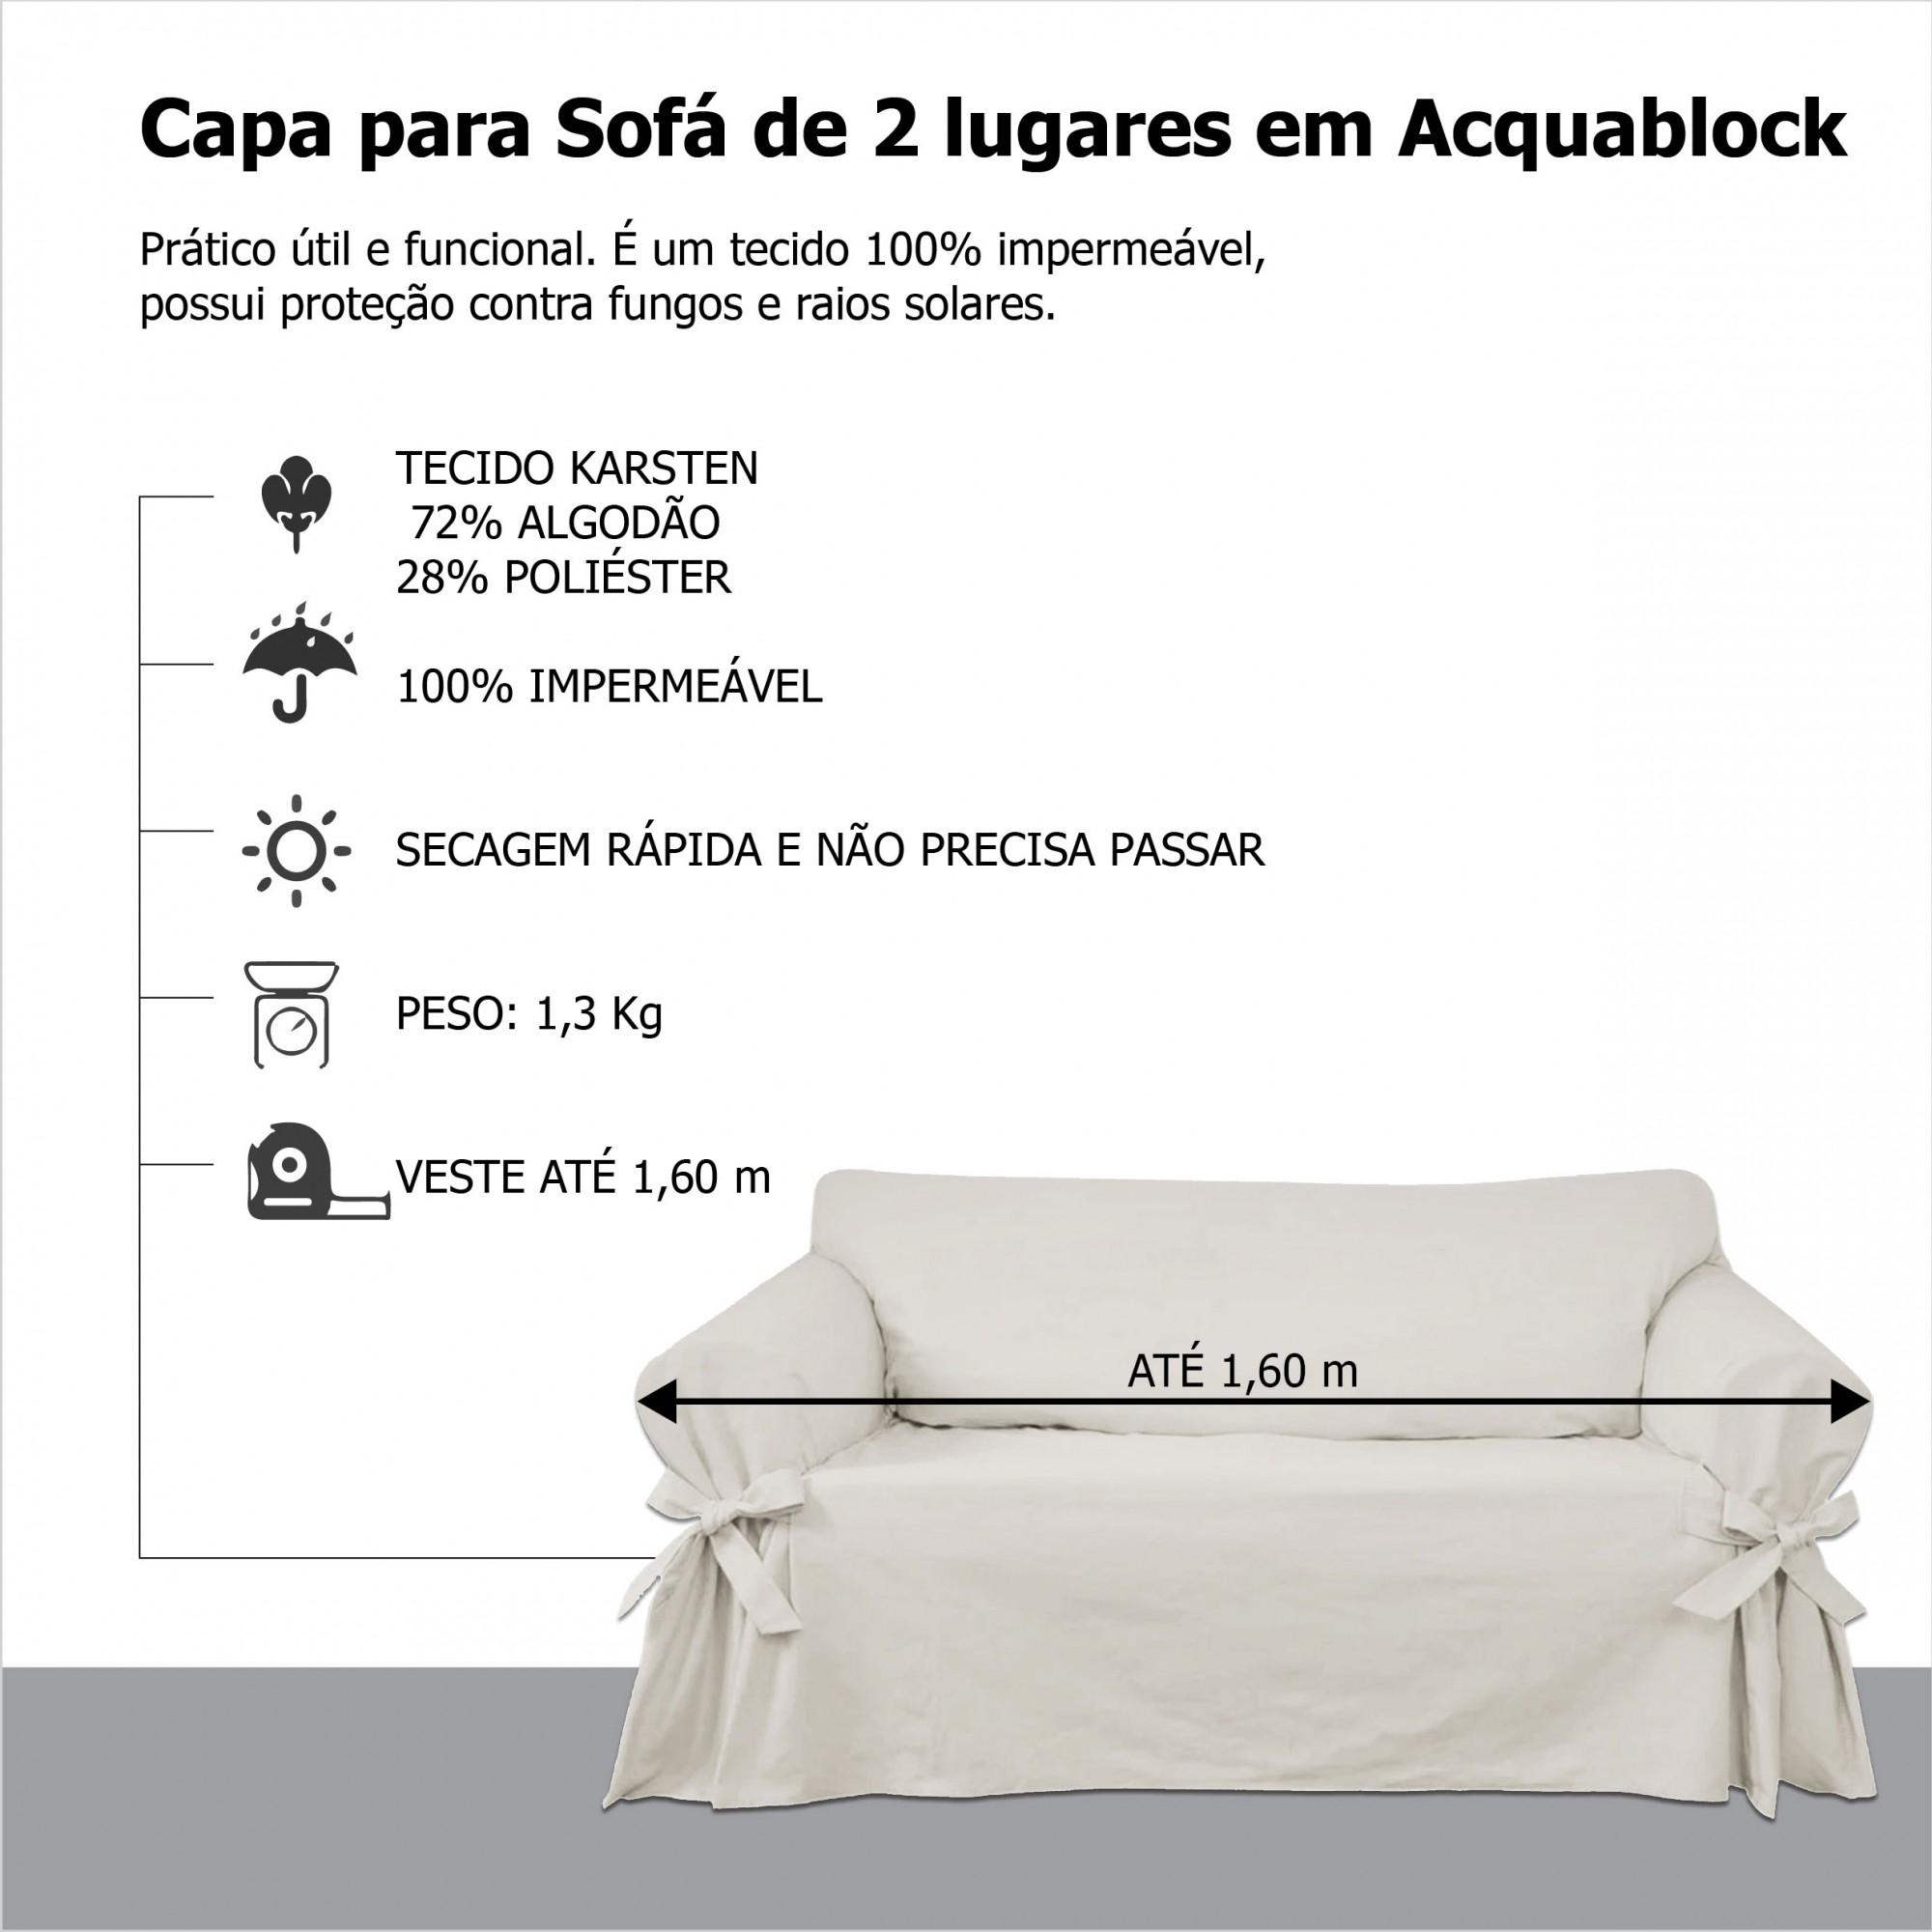 Capa para sofá de 2 lugares em Acquablock Impermeável